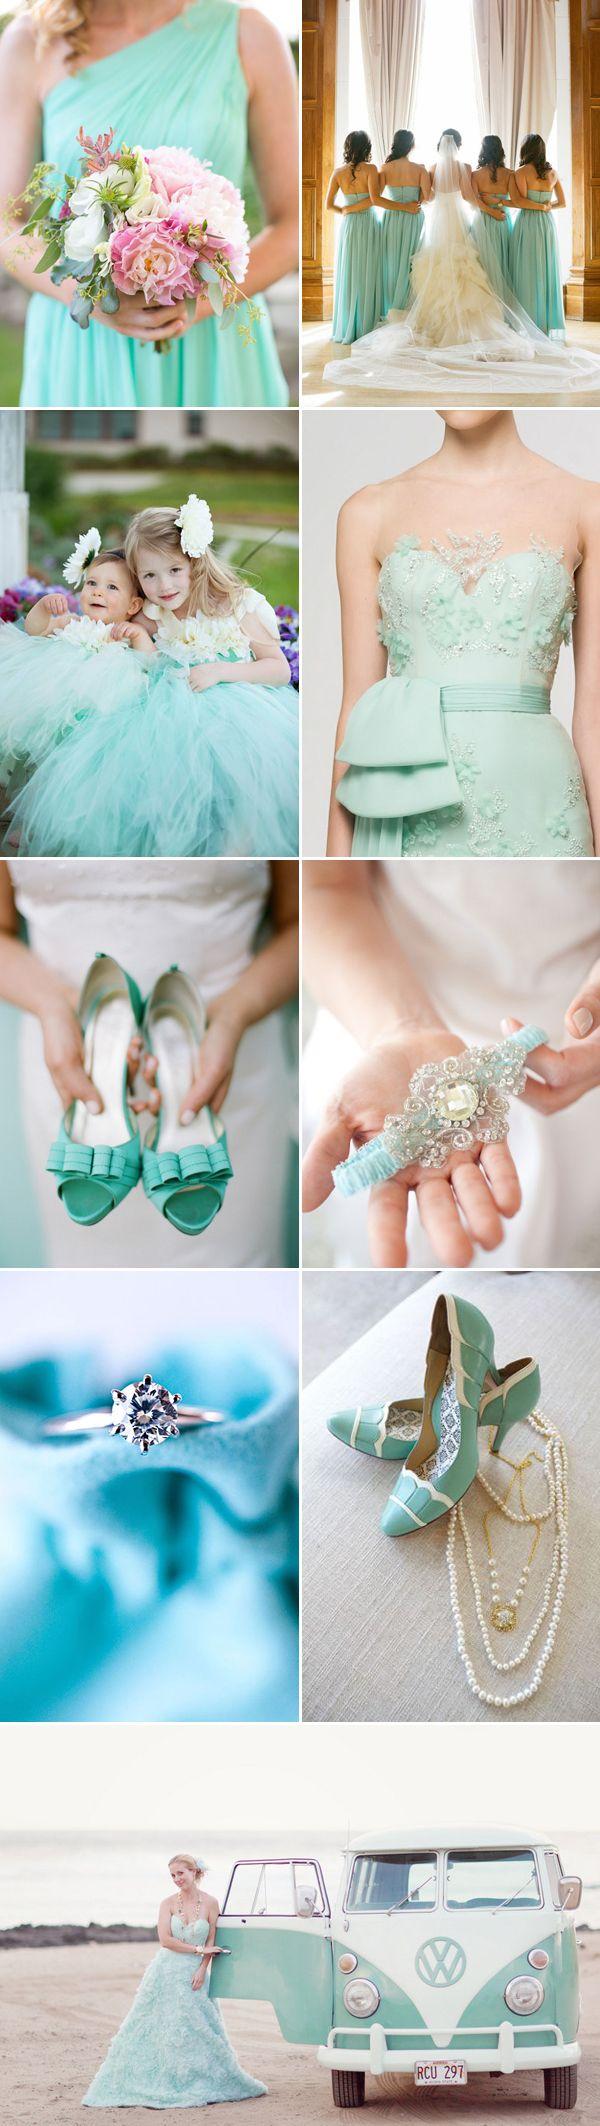 INSPIRAÇÃO: Mais ideias para casamento azul Tiffany